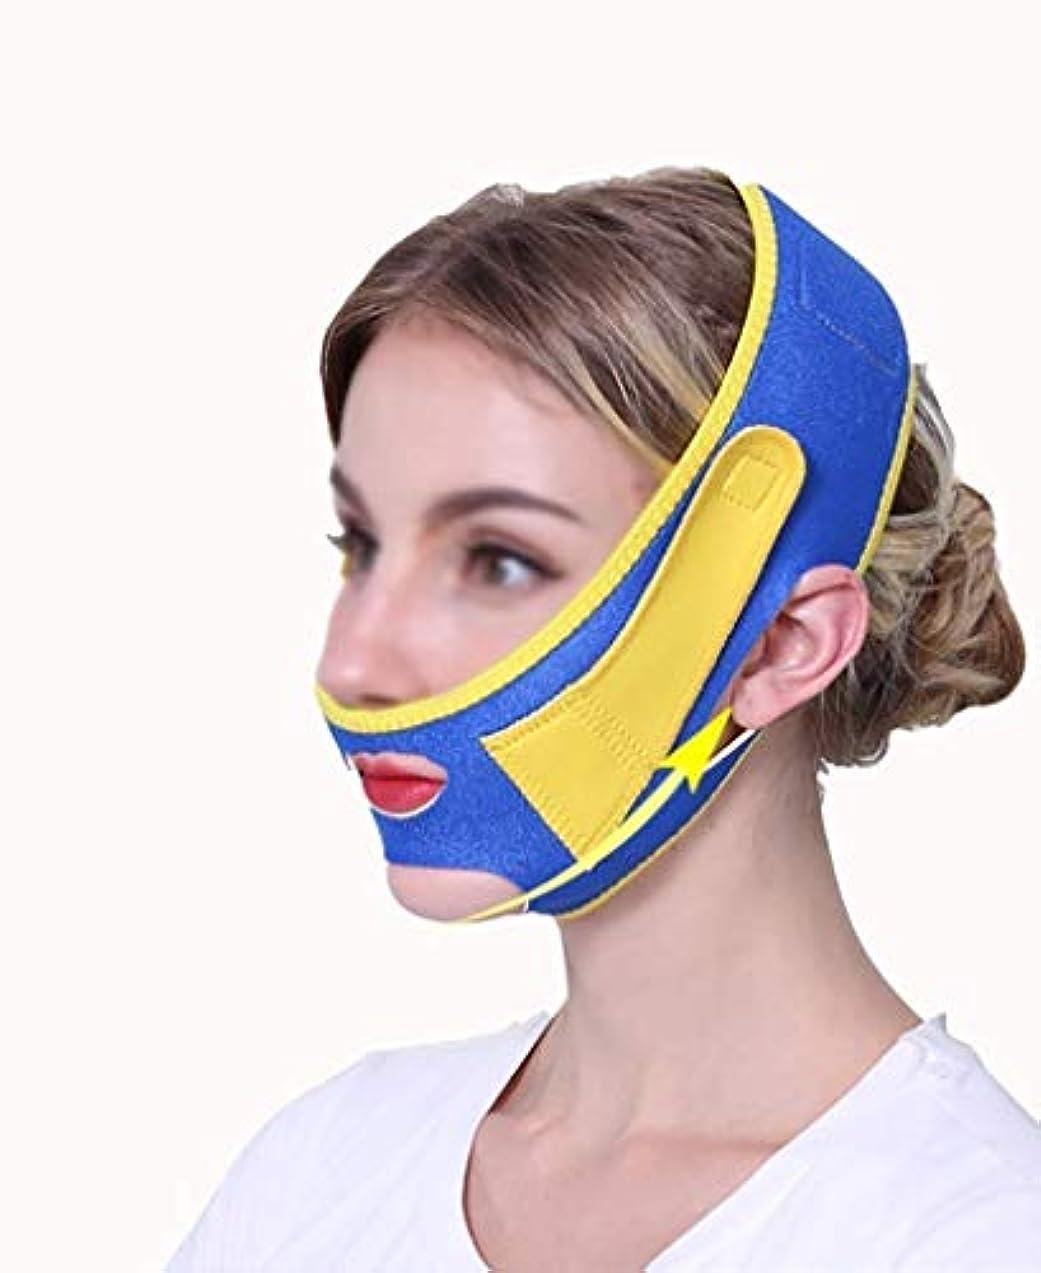 許されるさようなら行う美容と実用的なフェイスリフトマスク、チンストラップ回復包帯薄いフェイスマスクVフェイスステッカーフェイスリフトステッカー韓国本物のリフティングファーミングリフトシェーピング薄いダブルチンフェイスリフト睡眠包帯アーティファクト